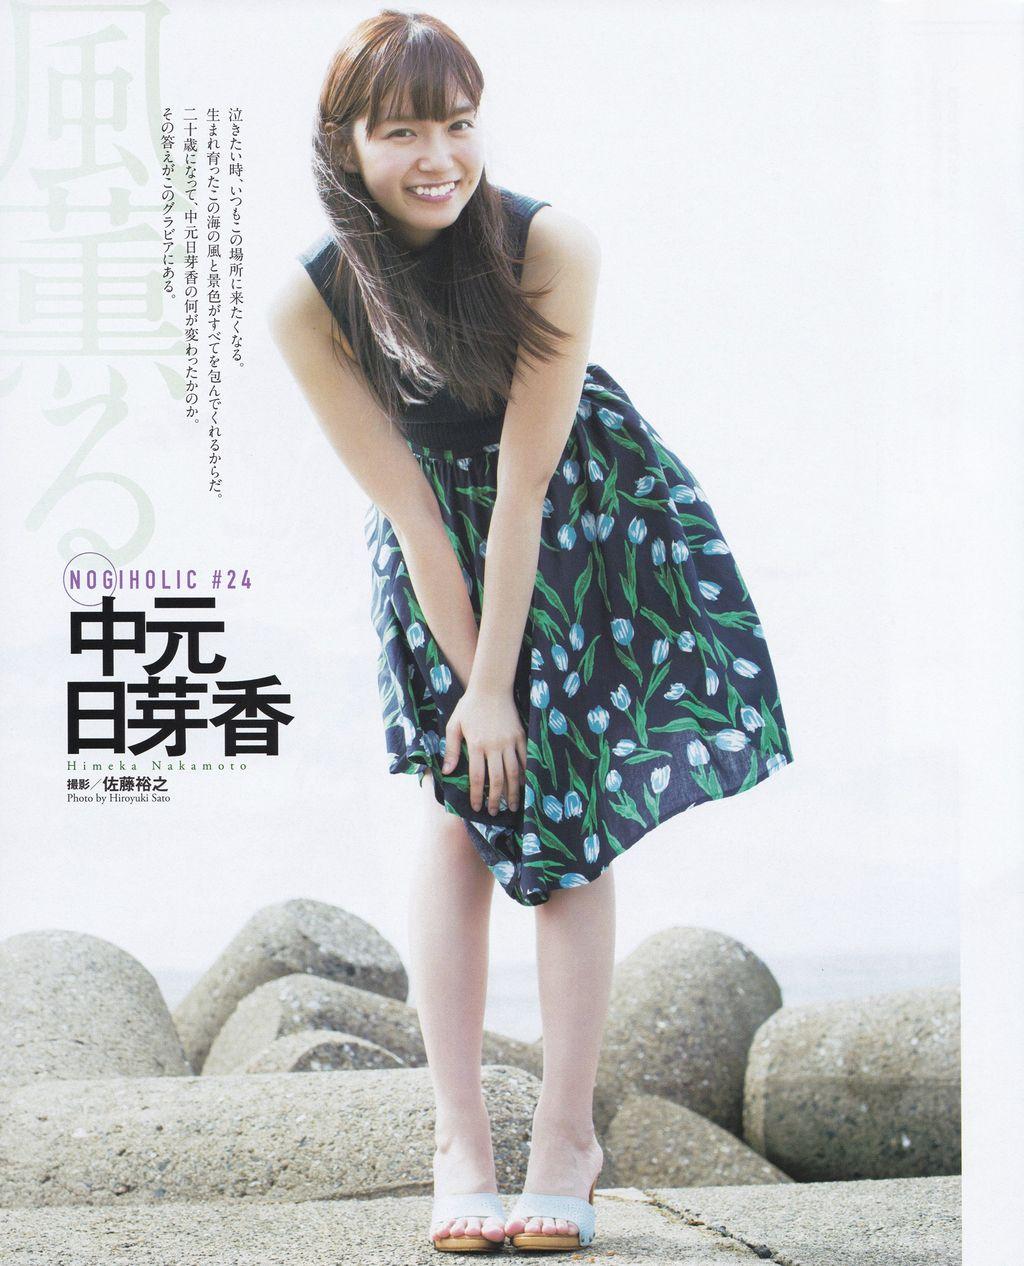 【エンタメ画像】ブレイクして欲しい♪乃木坂46ひめたんこと中元日芽香ちゃんの美幼いグラビア画像